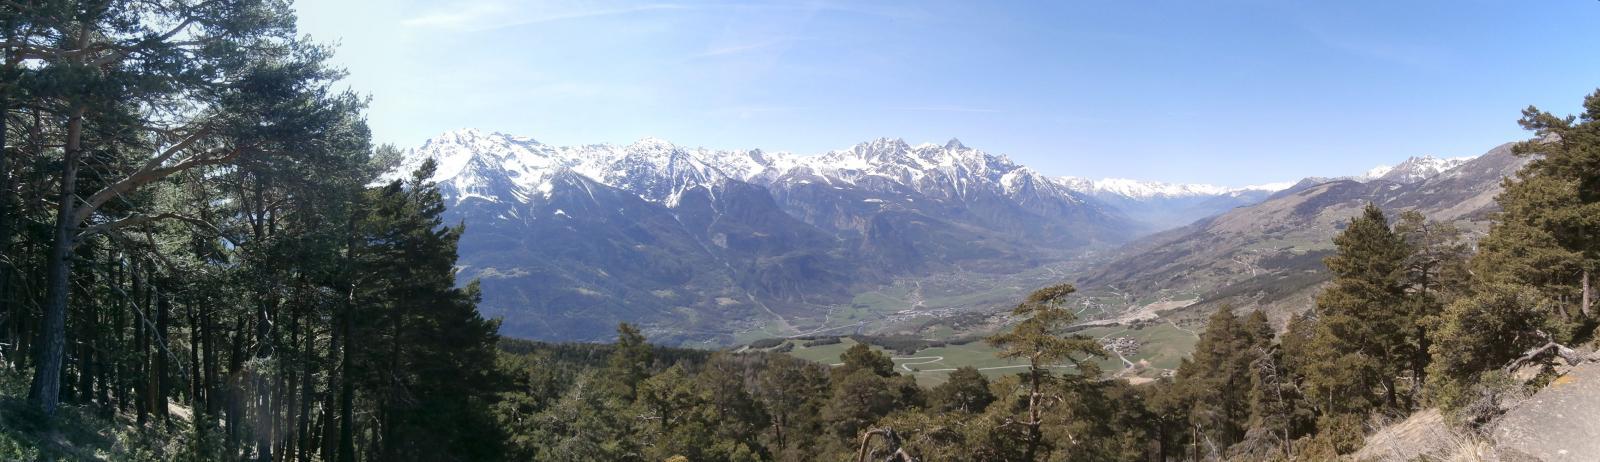 panorama verso il fondovalle   e sulle montagne adiacenti  dal punto belvedere dove abbiamo sostato  per pausa pranzo...